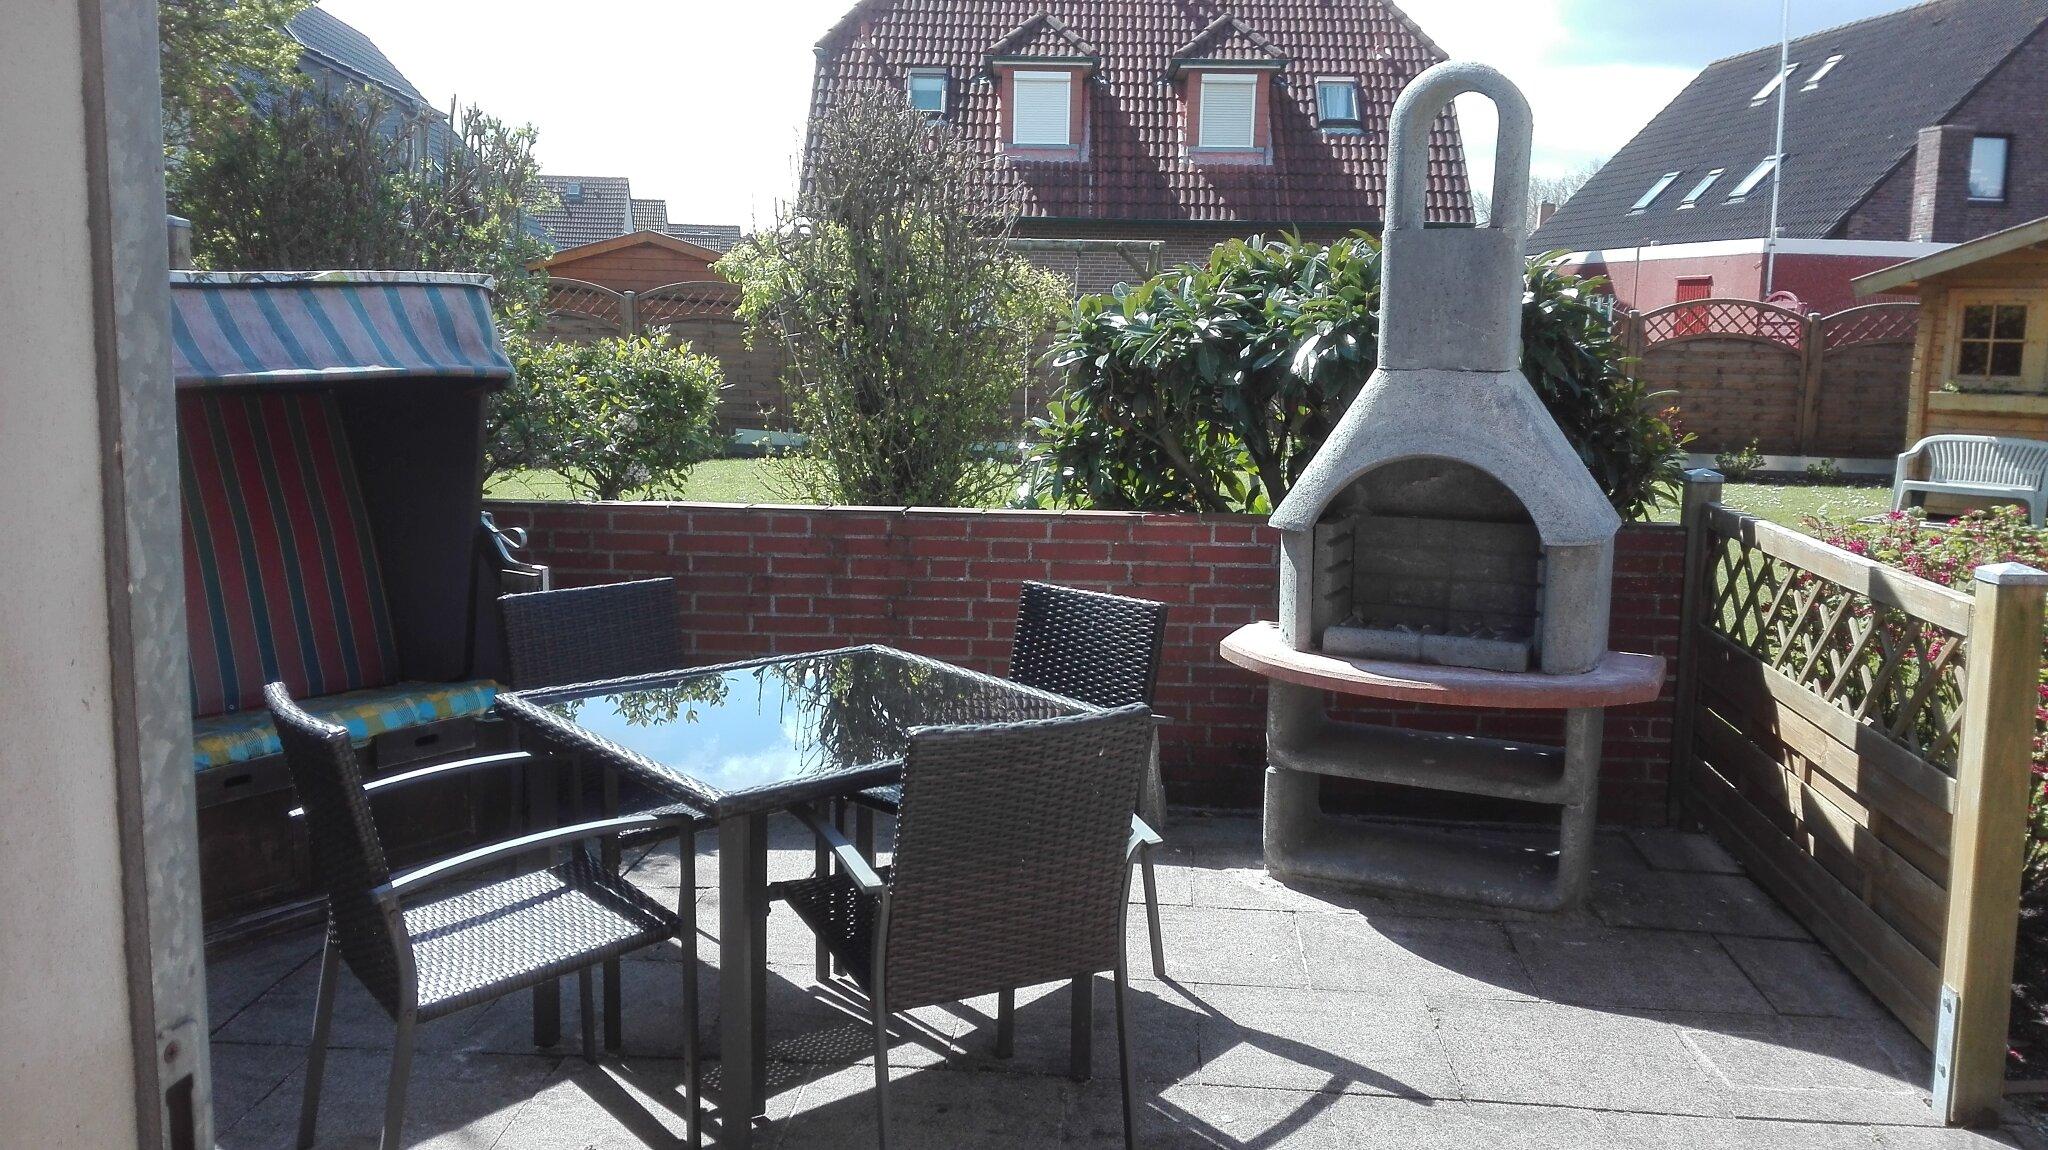 Garten mit Schaukel und Gartenhäuschen